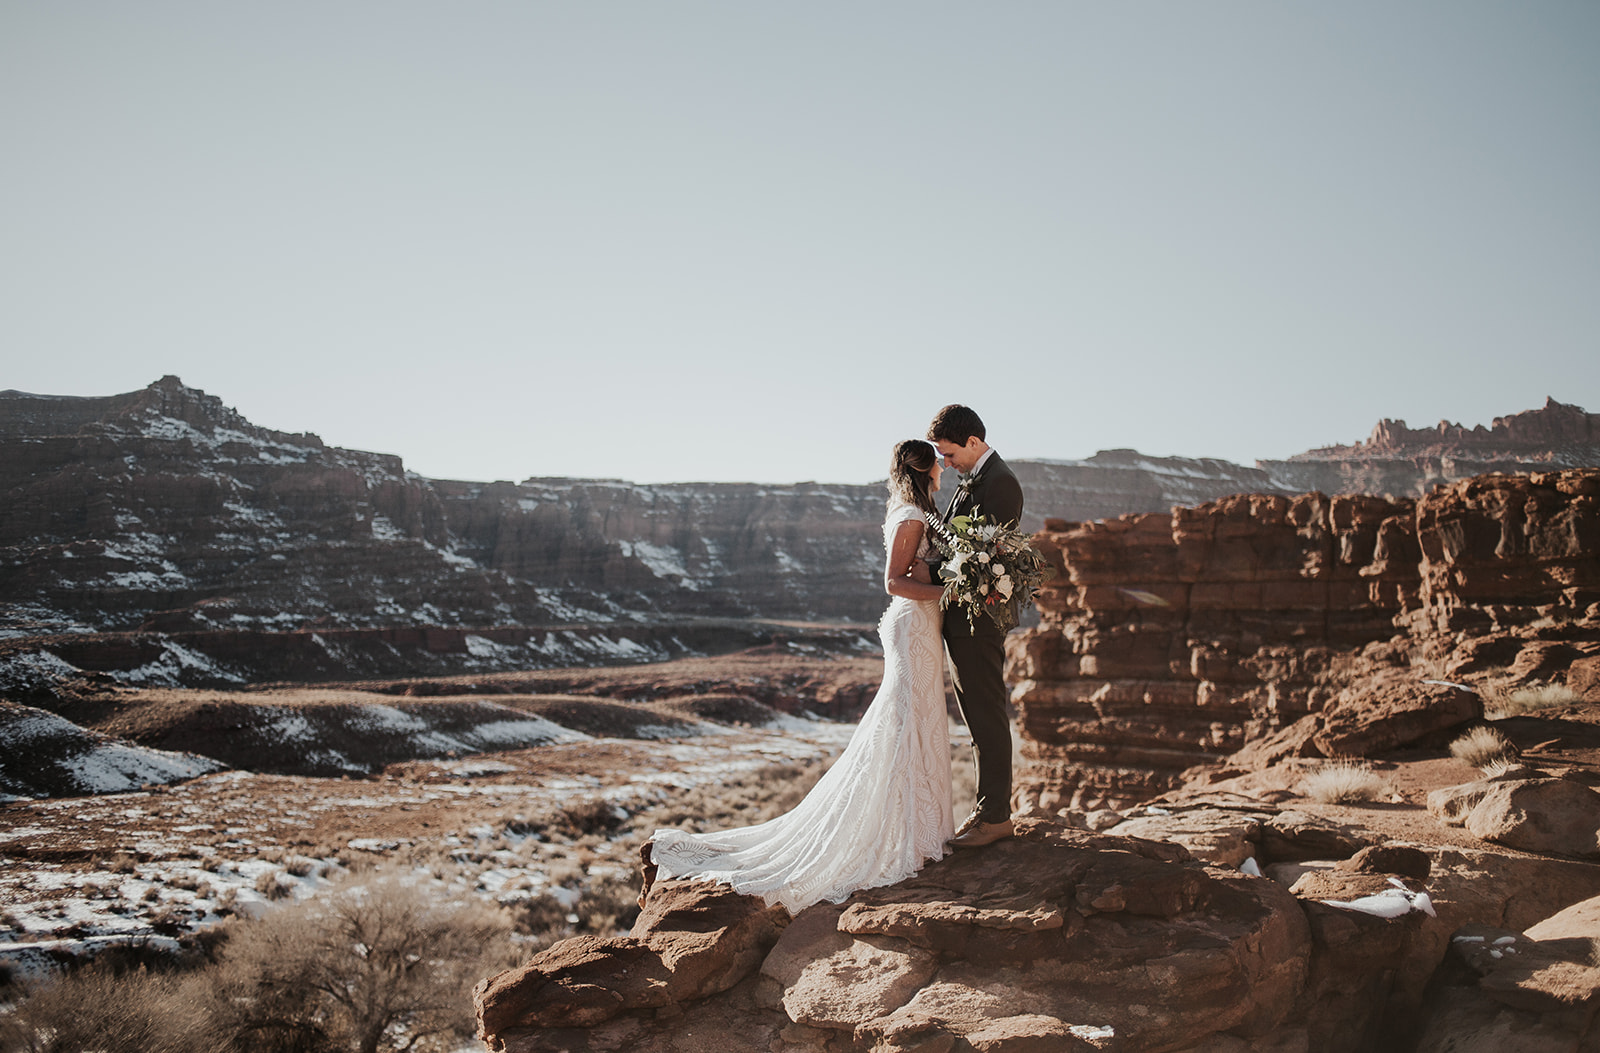 jamie+weston bridals-2.jpg